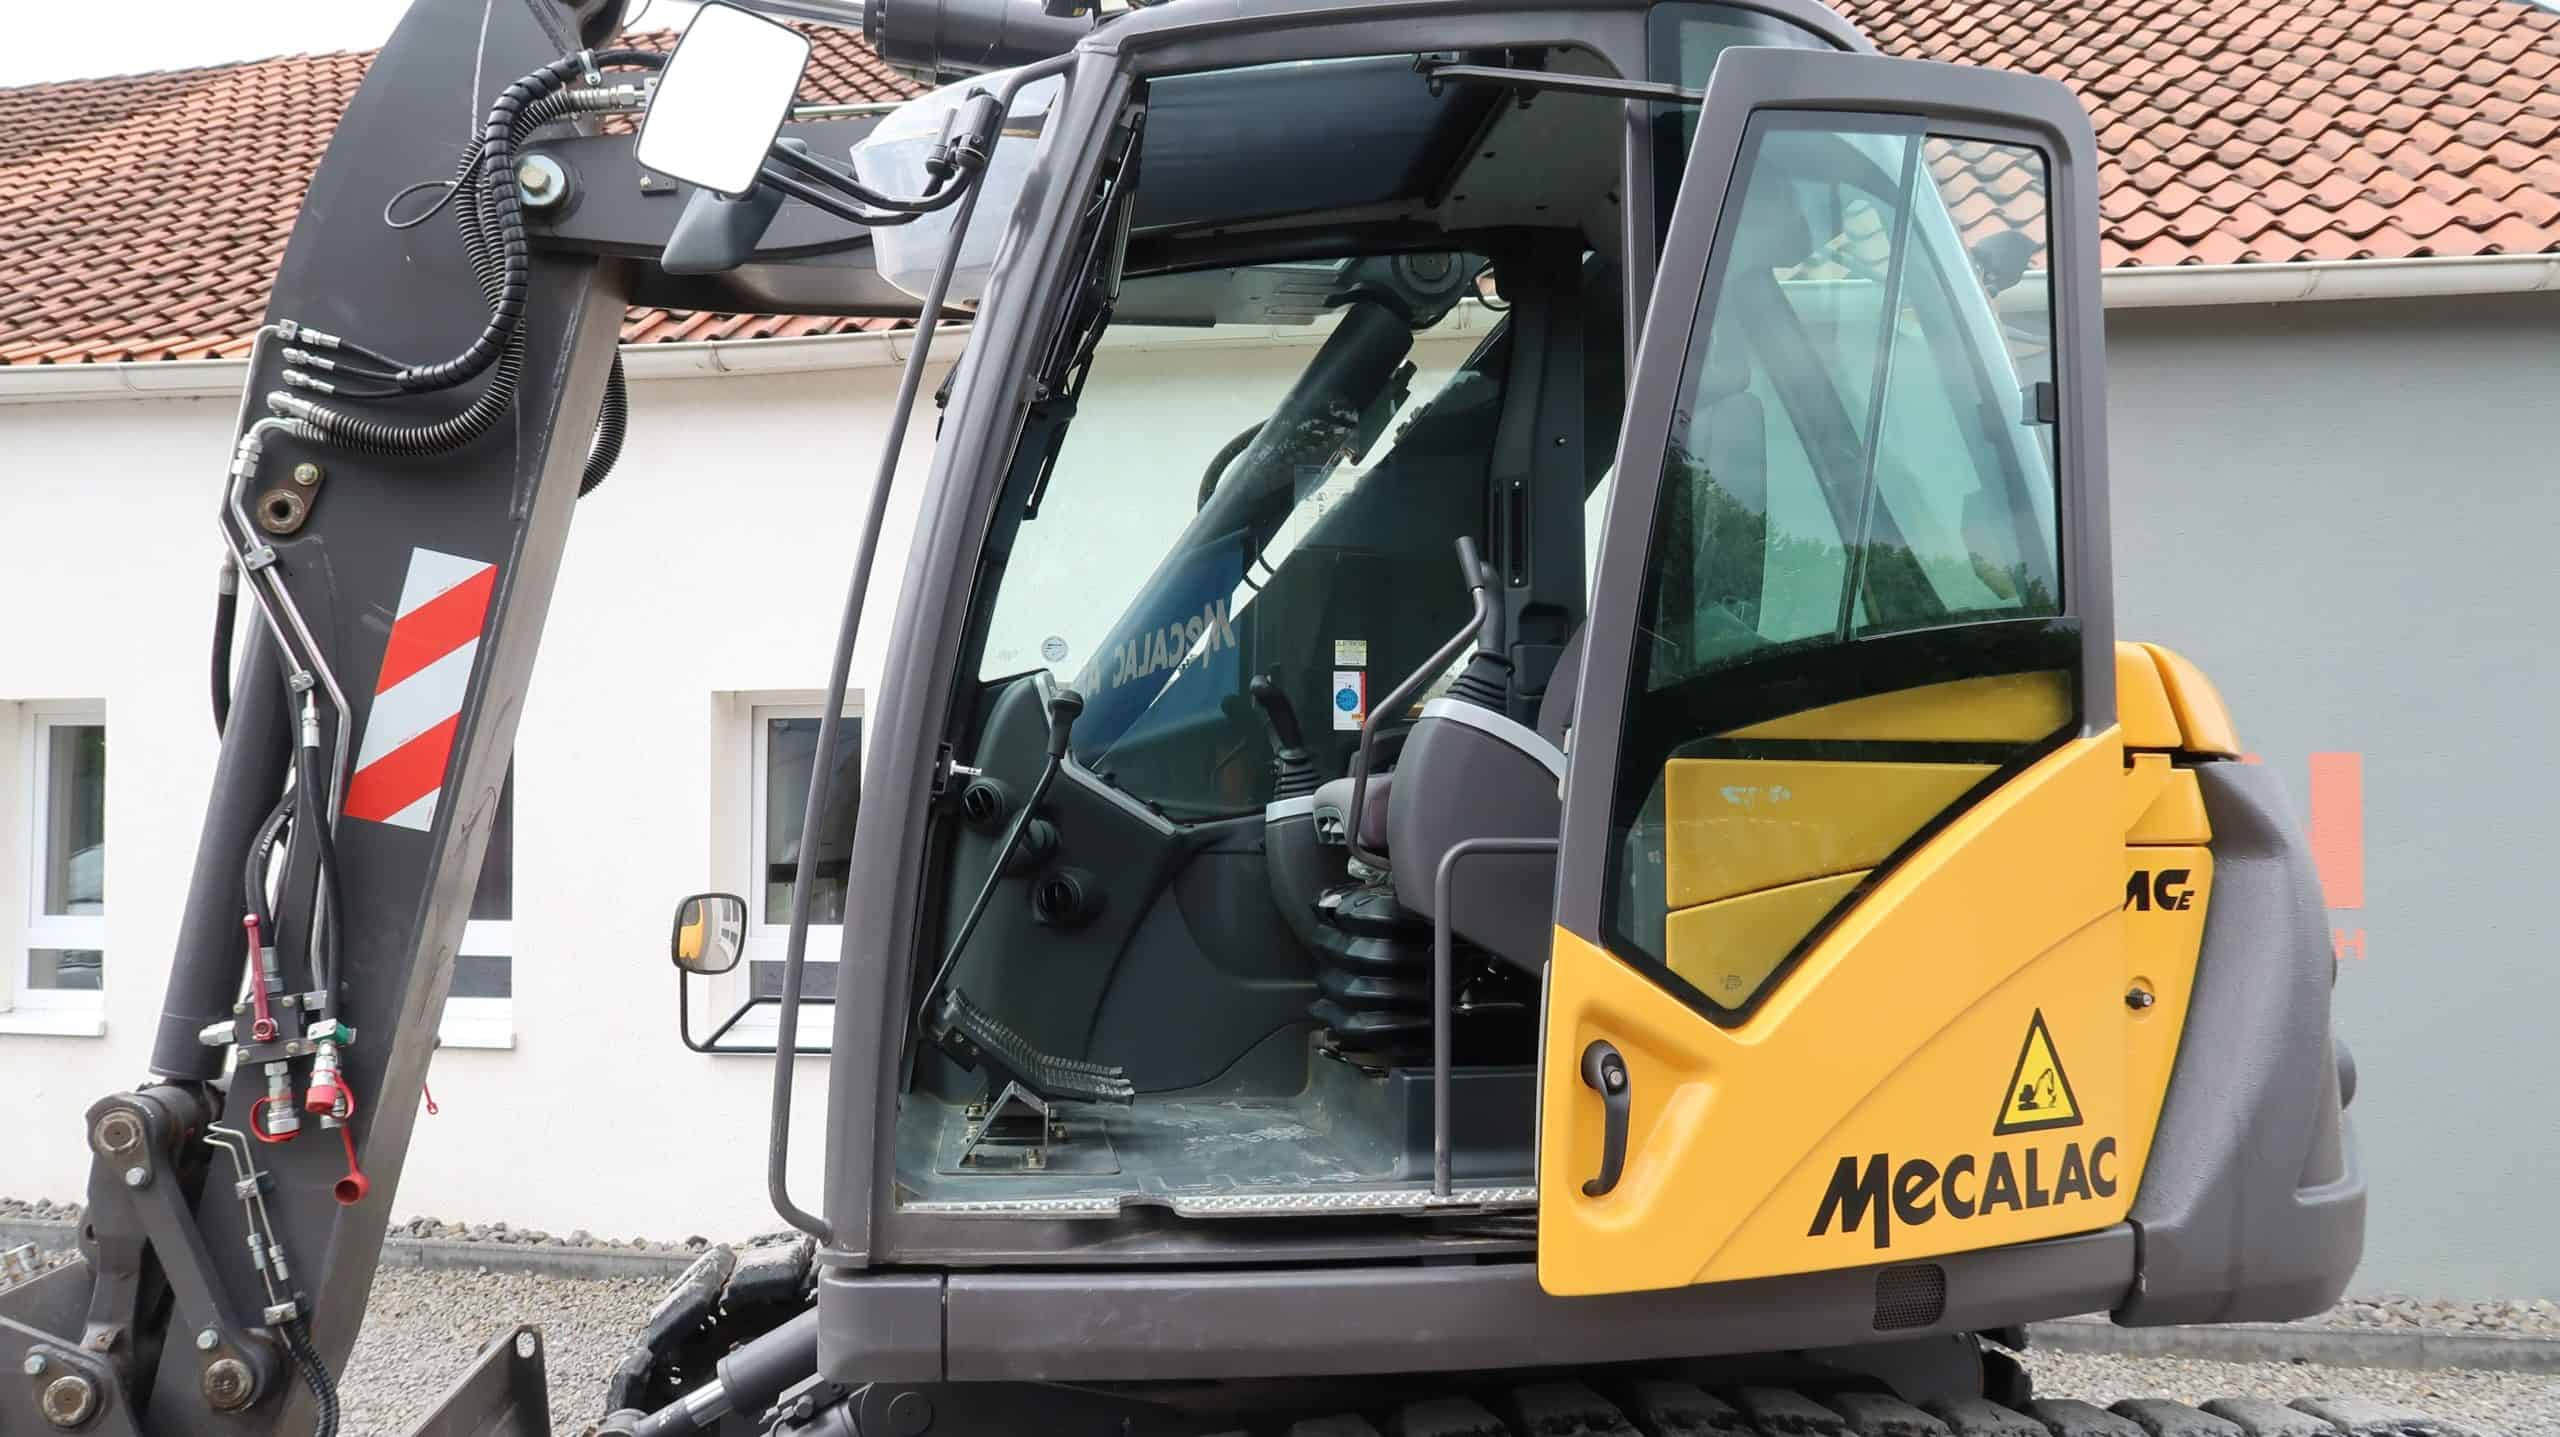 Mecalac-714-MCE-Einstieg